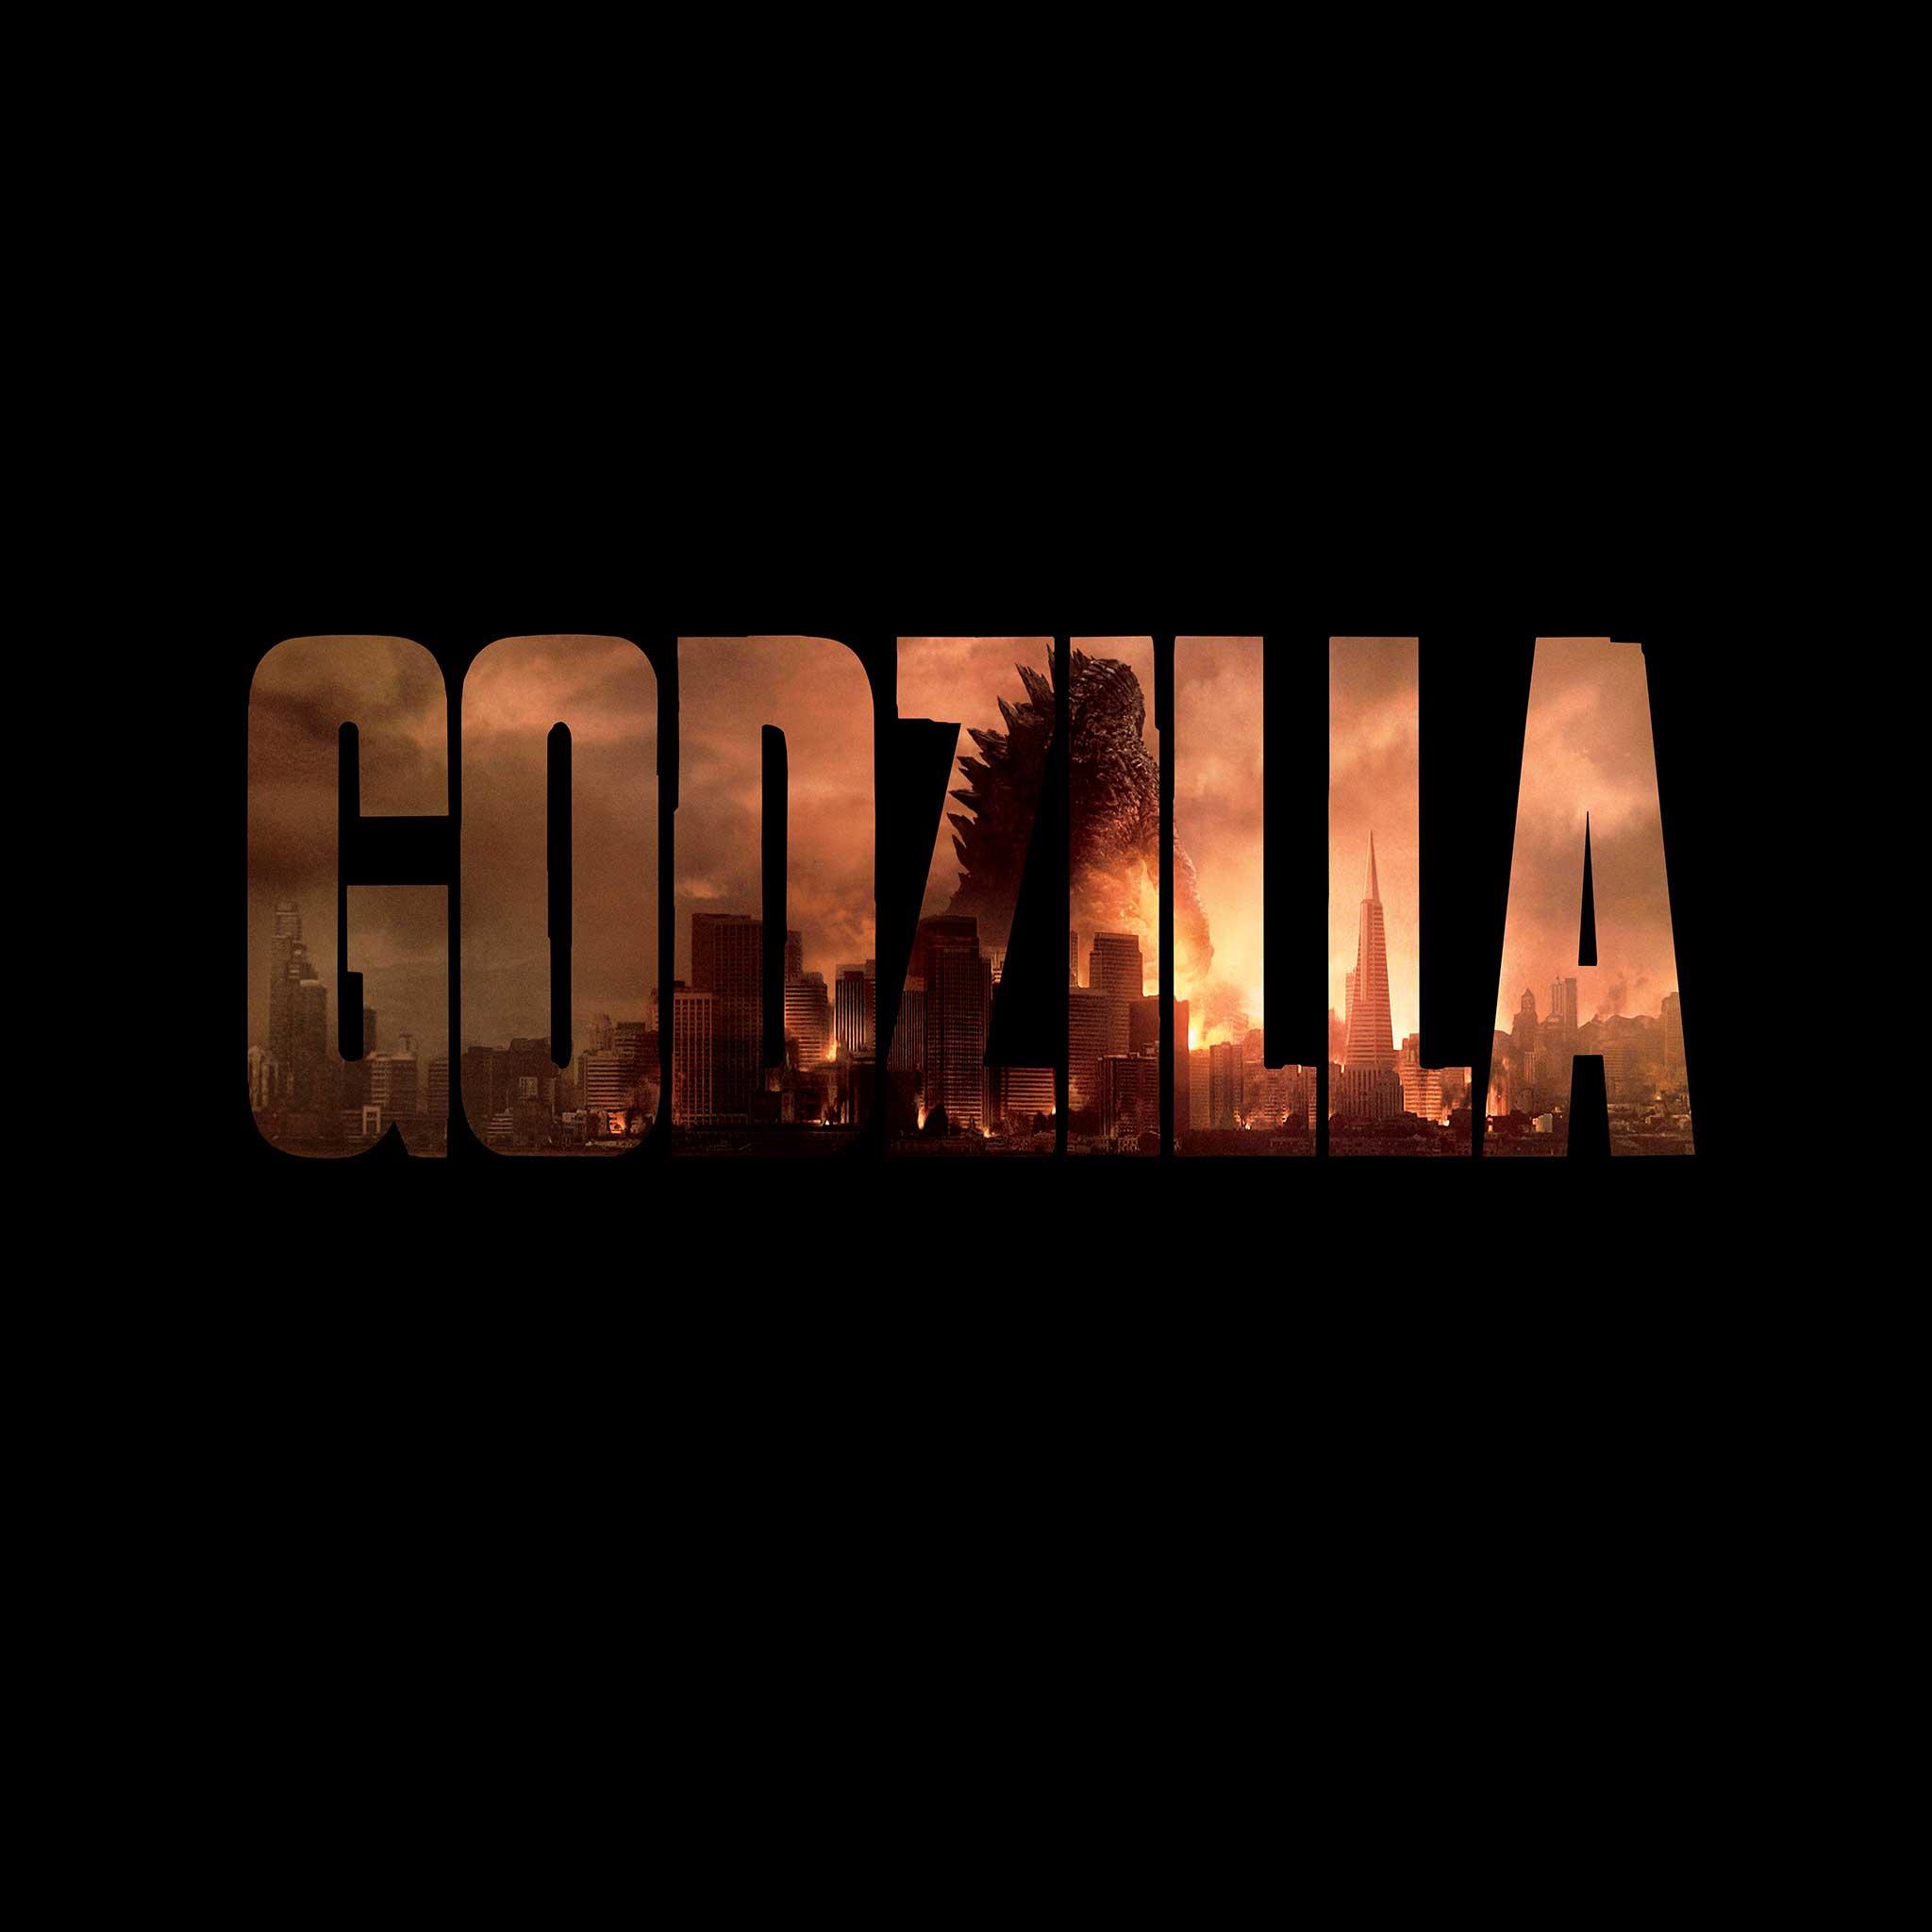 Godzilla Movie 2014 HD iPhone iPad Wallpapers 2048x2048